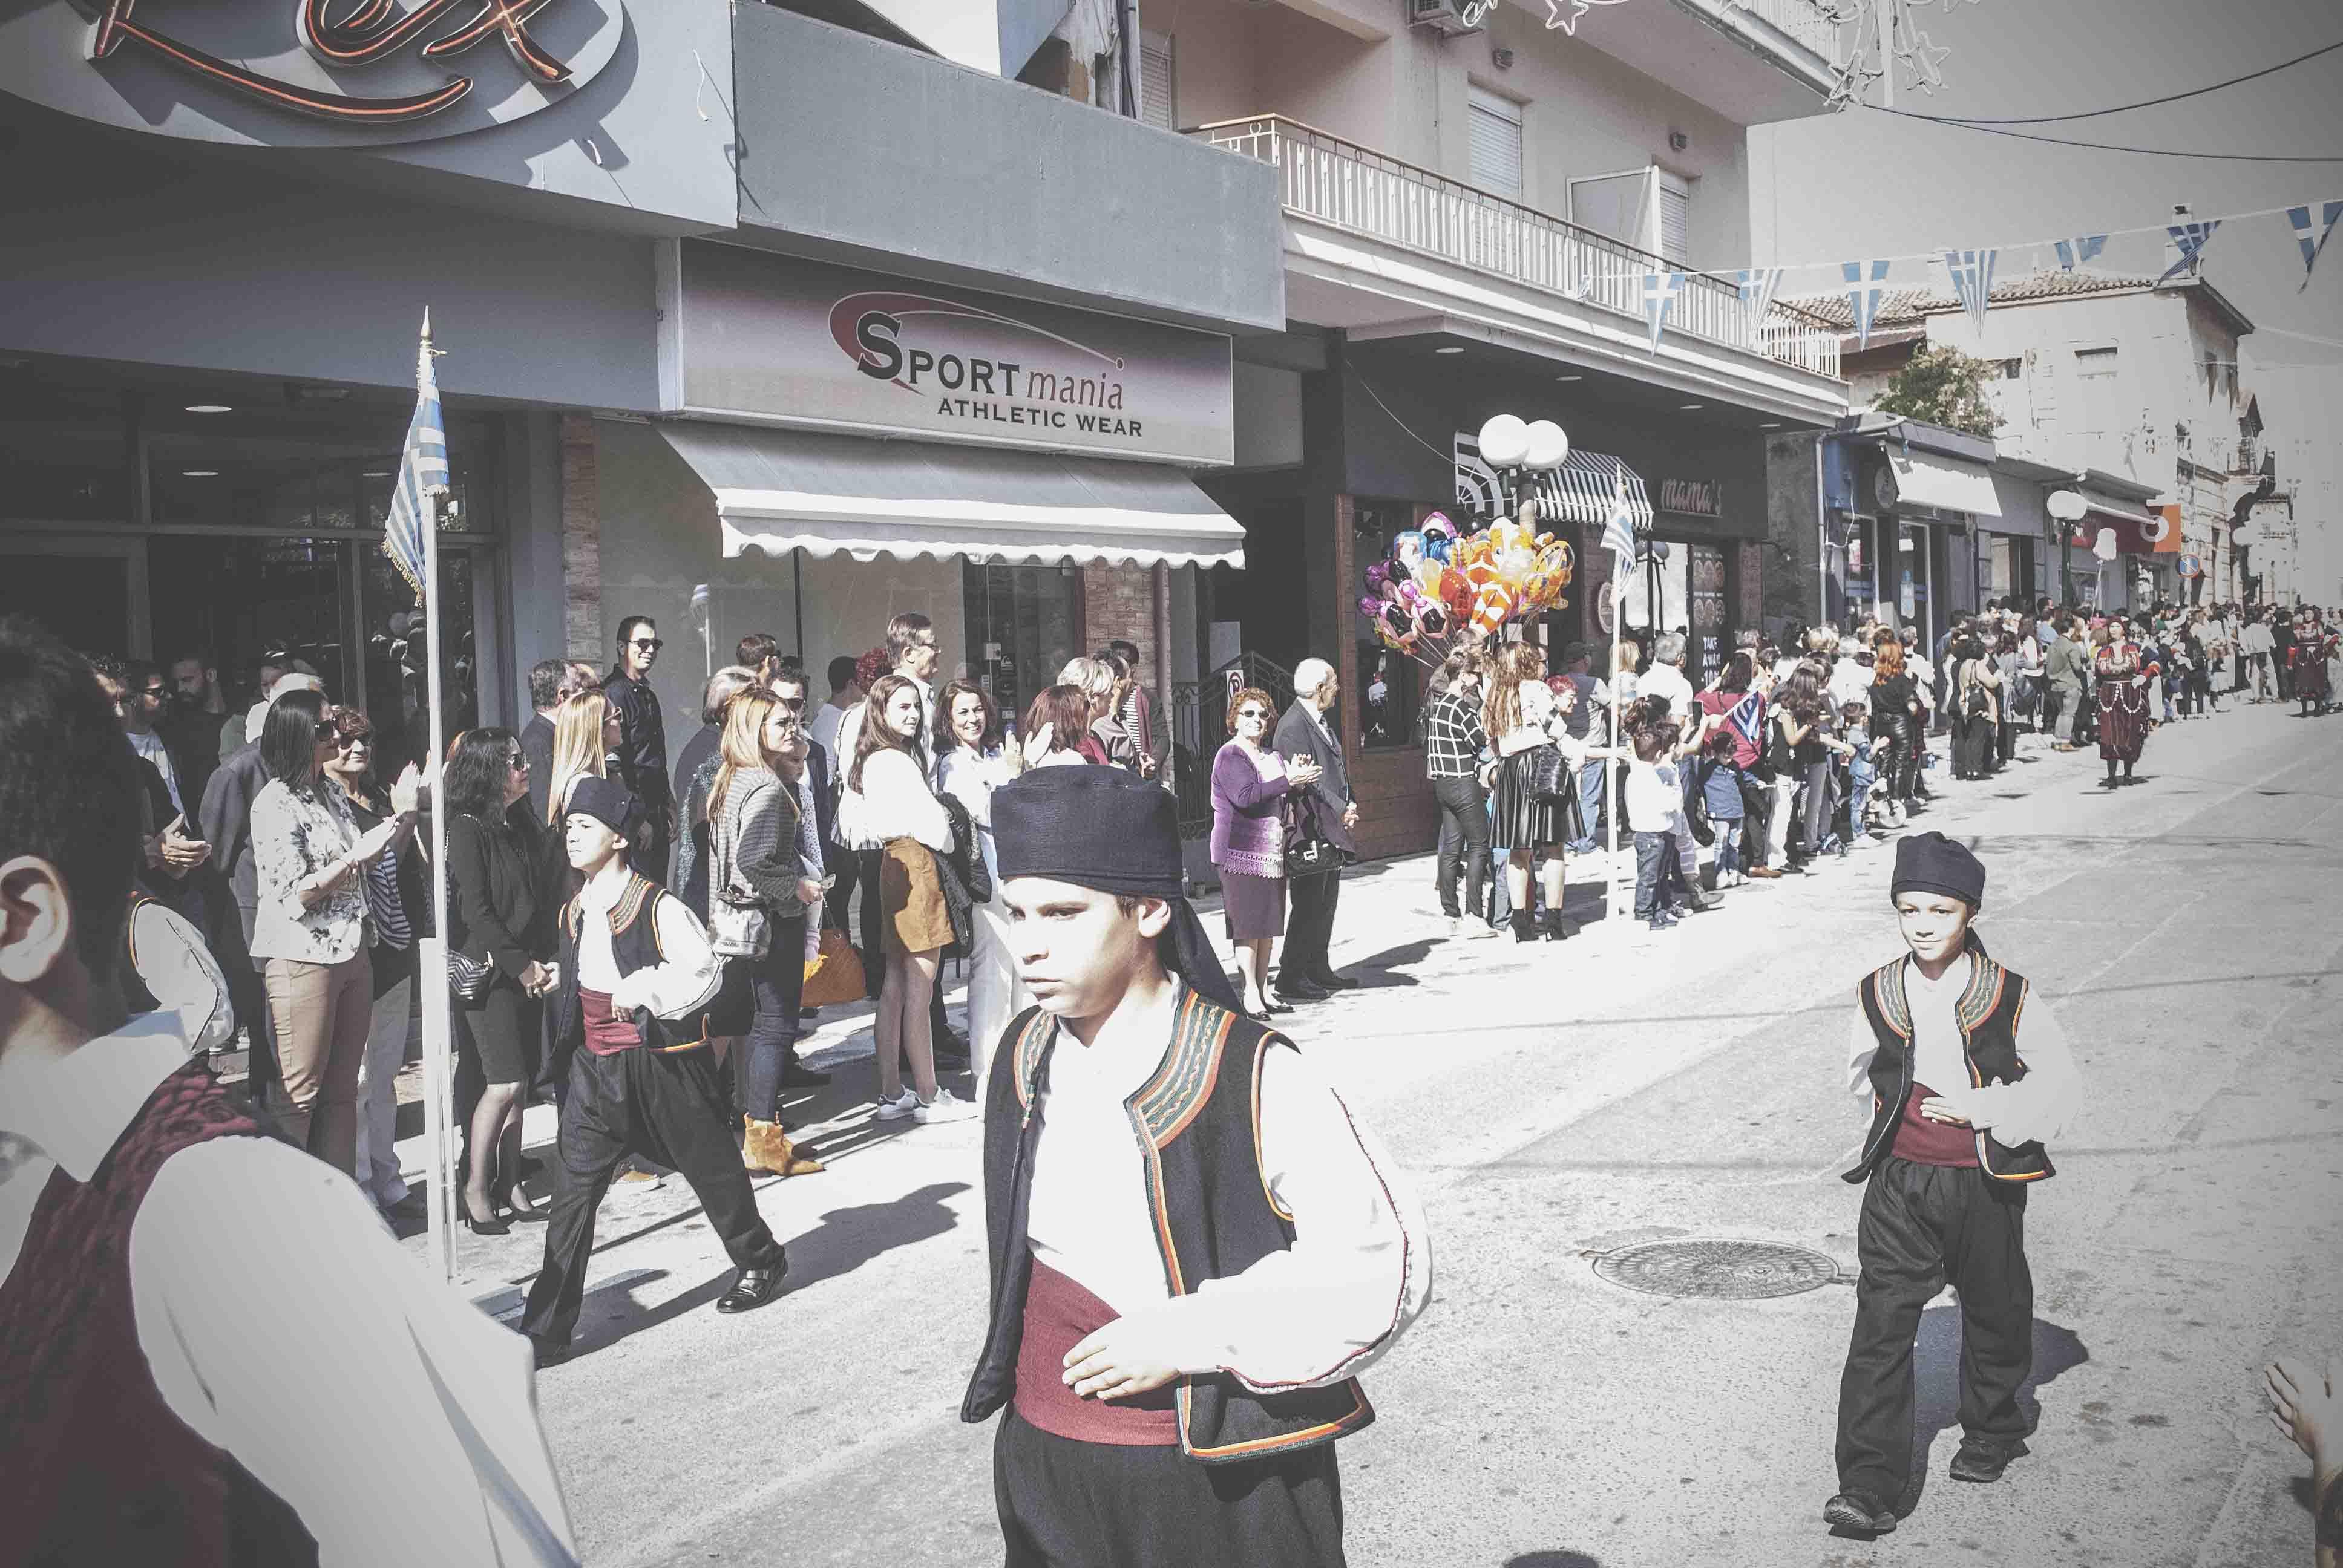 Φωτογραφικό υλικό από την παρέλαση στα Ψαχνά Φωτογραφικό υλικό από την παρέλαση στα Ψαχνά DSC 0328